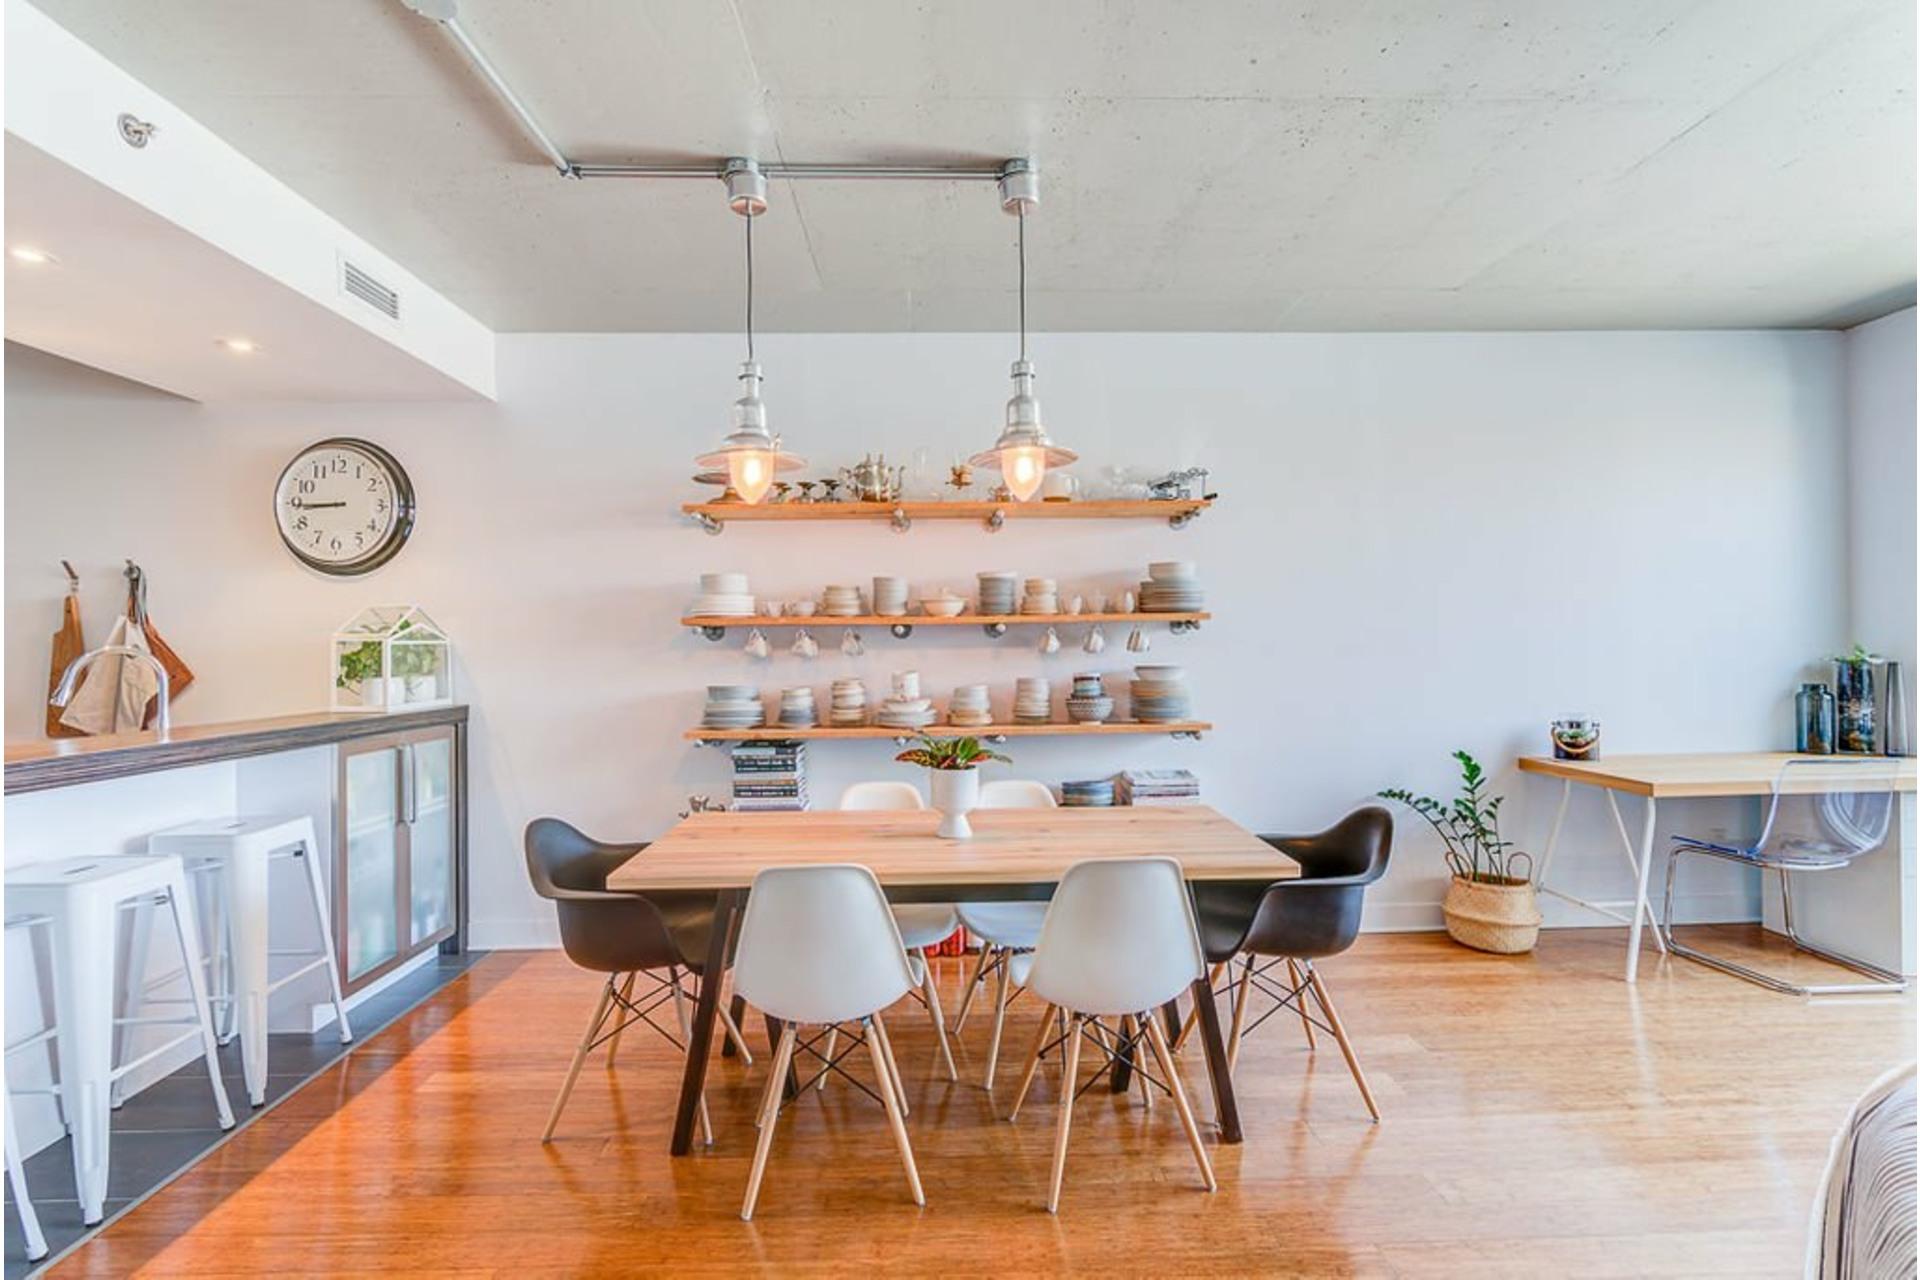 image 5 - Apartment For sale Villeray/Saint-Michel/Parc-Extension Montréal  - 4 rooms